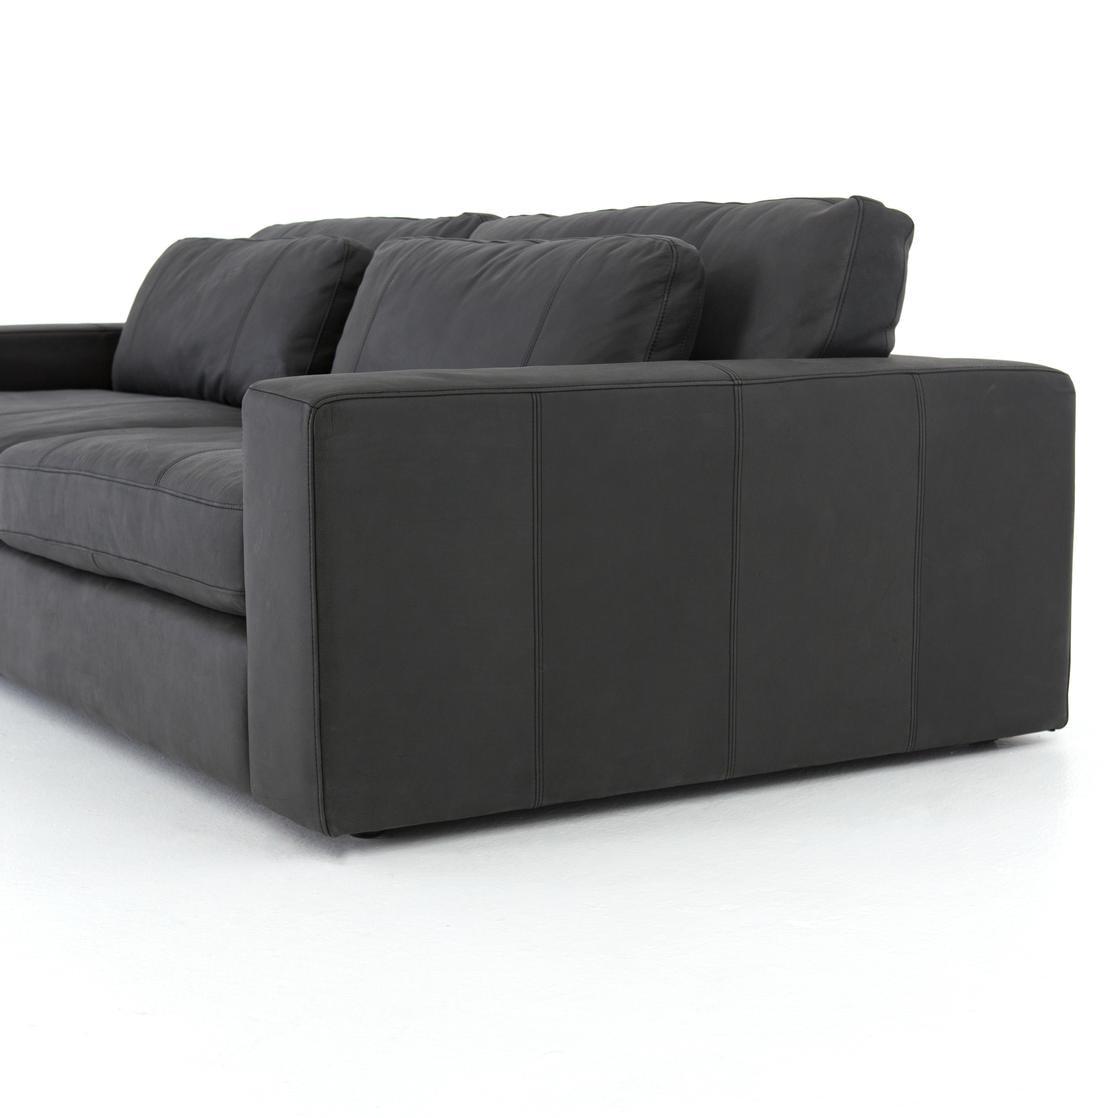 Four Hands Bloor Leather Sofa 98 Umber Black CKEN 105 071 In Portland,